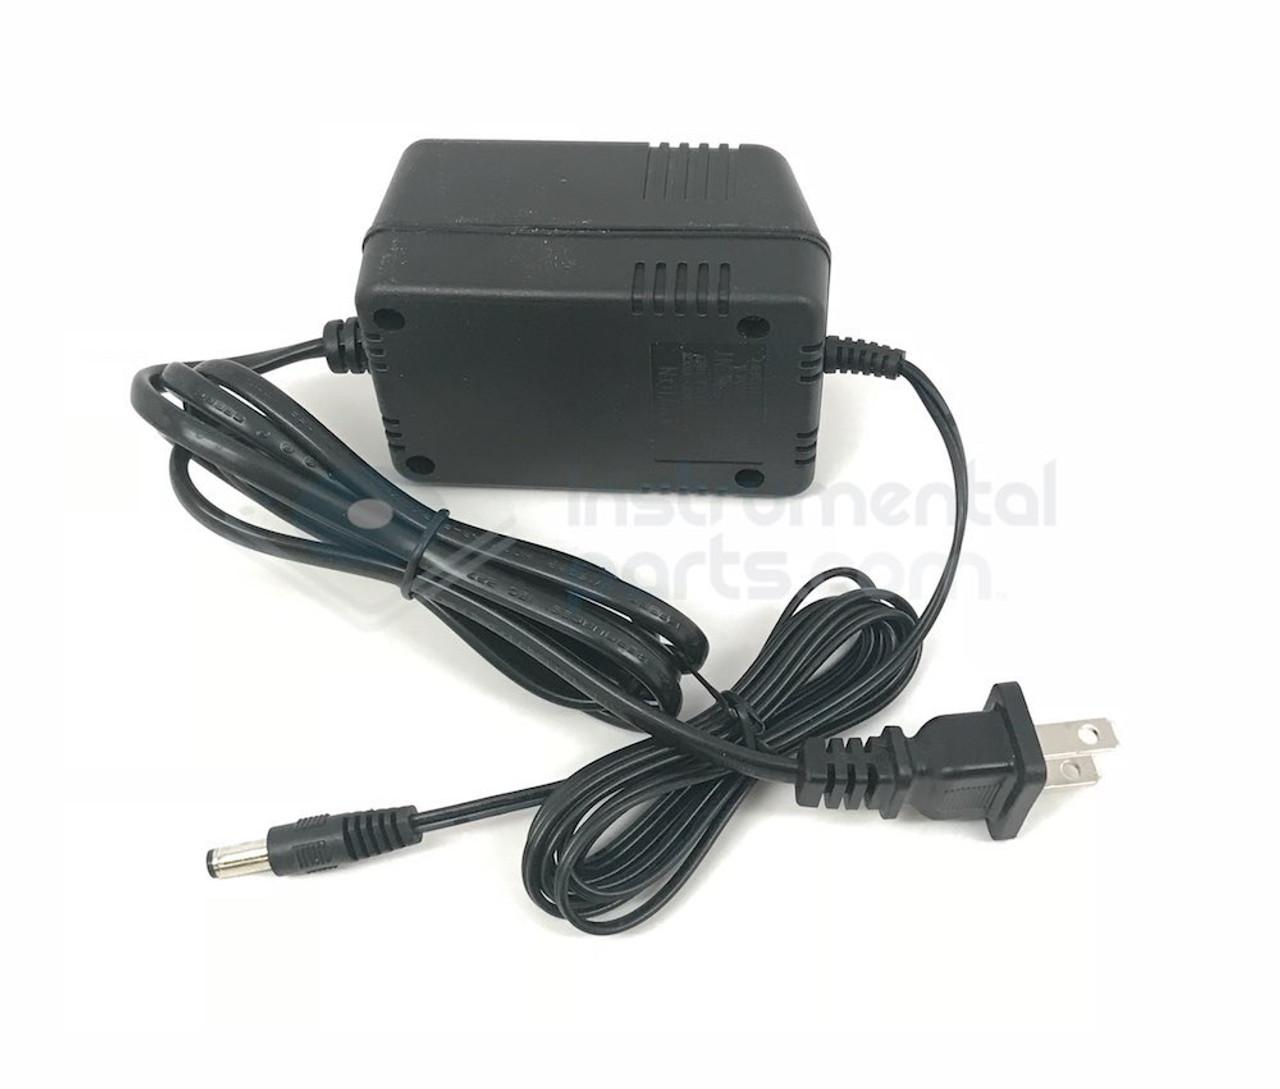 Power Adapter 9V 2000mA / Kurzweil PC88 ME1 PC1X KME61 PC1SE SP2 SP2X SP3  SP3X